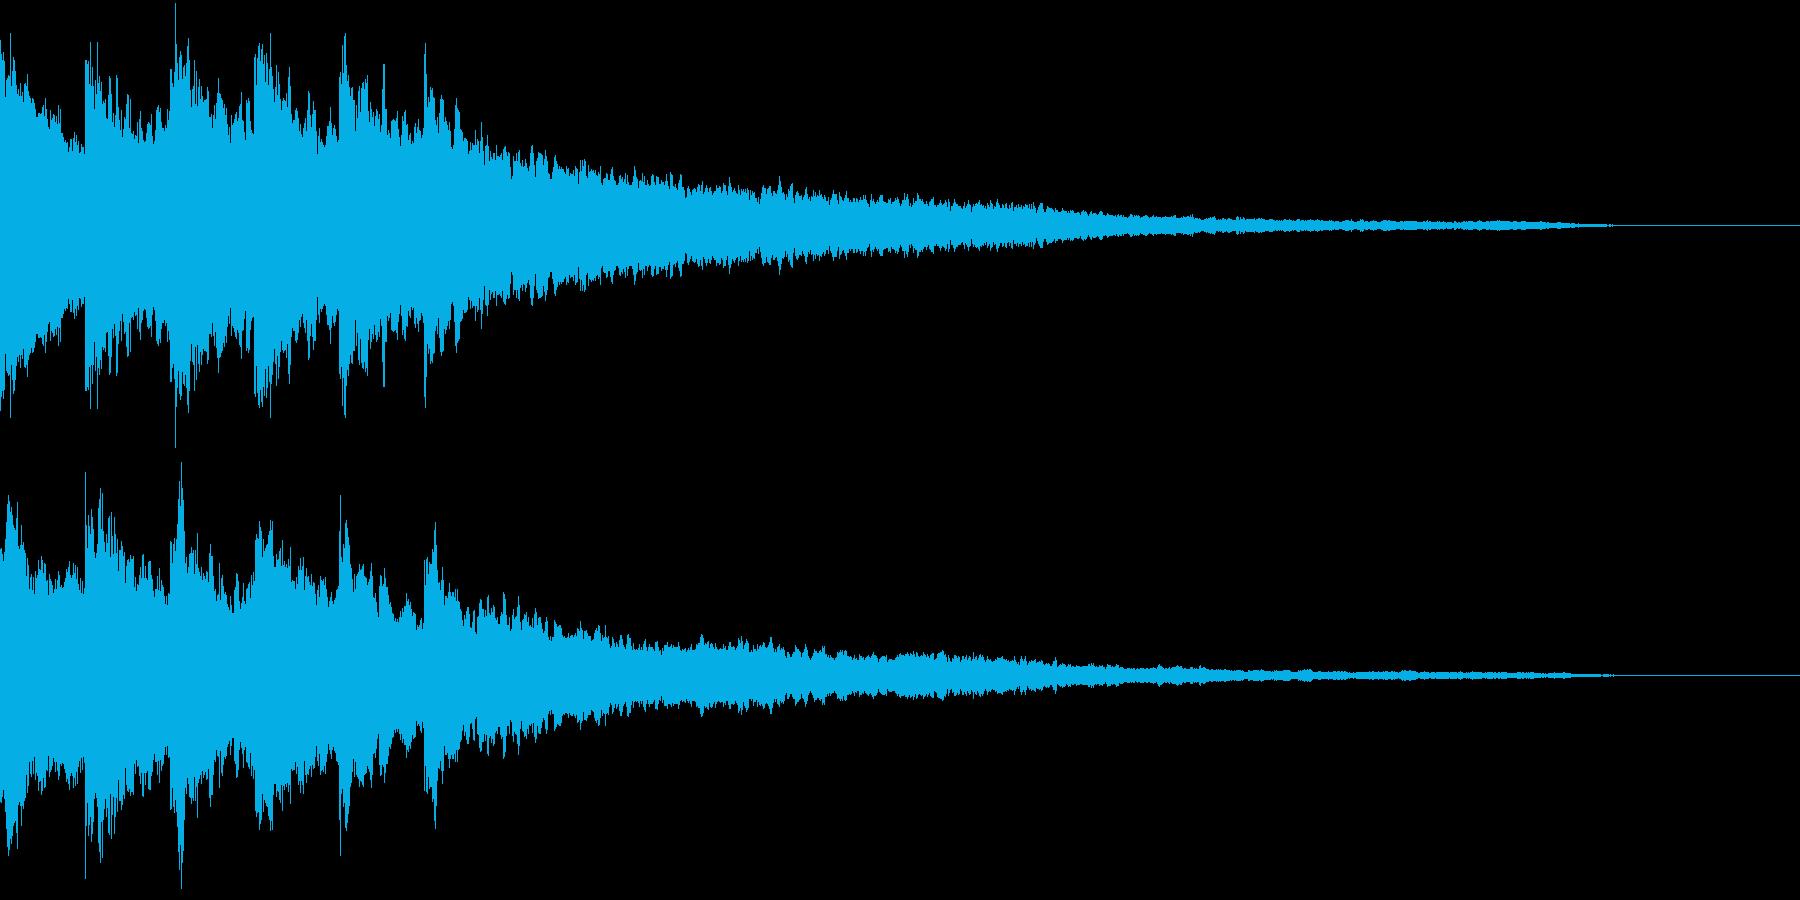 実験 結果 浮かぶ 答え キラリン 01の再生済みの波形